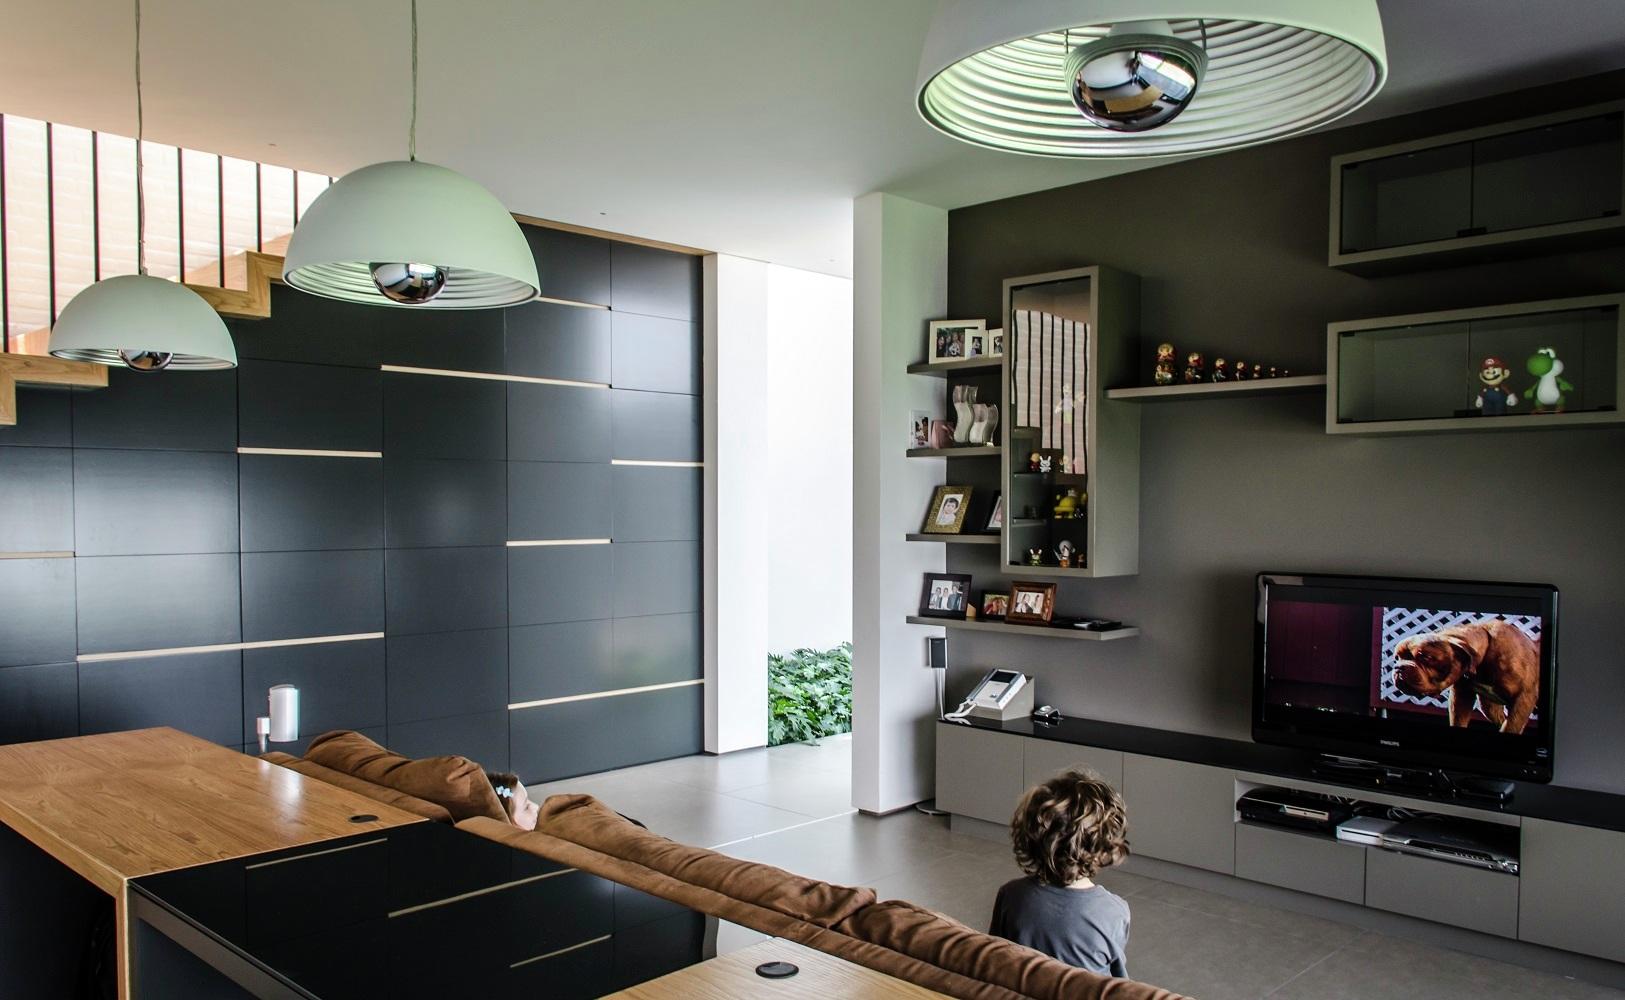 Galeria de casa b g adi arquitectura y dise o interior 23 for Arquitectura y diseno interior